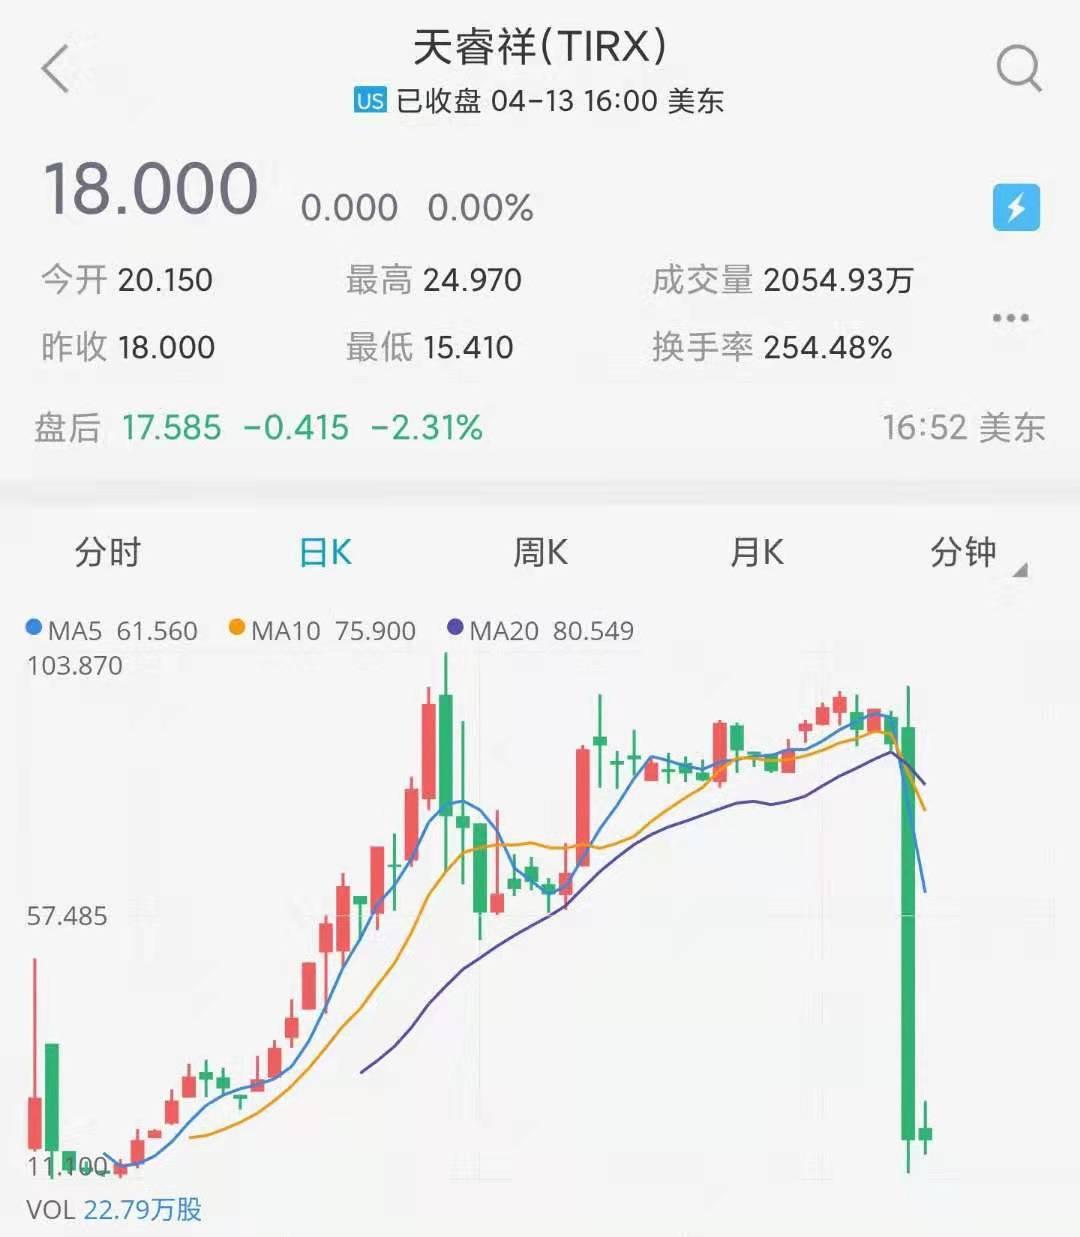 天睿祥日K线图.jpg